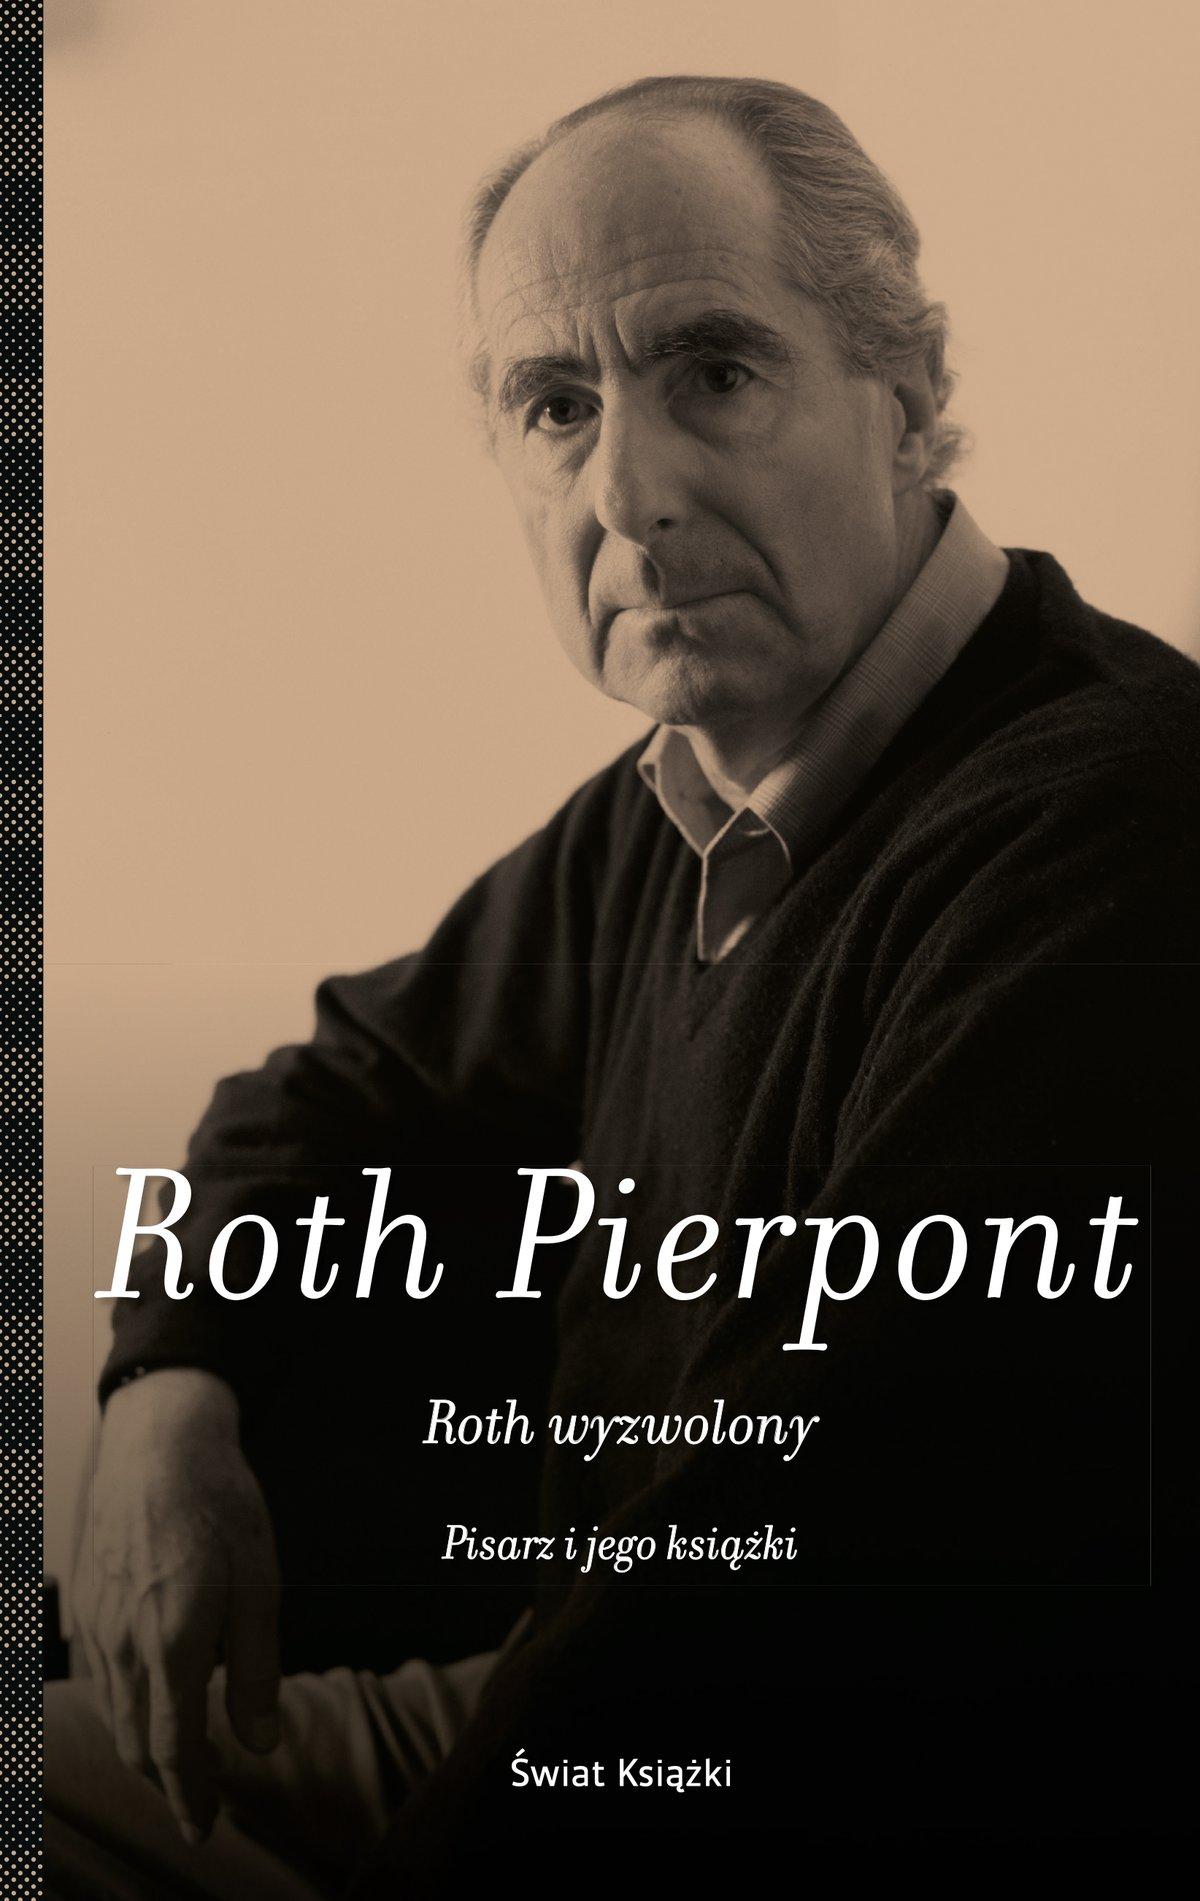 Roth wyzwolony. Pisarz i jego książki - Ebook (Książka EPUB) do pobrania w formacie EPUB